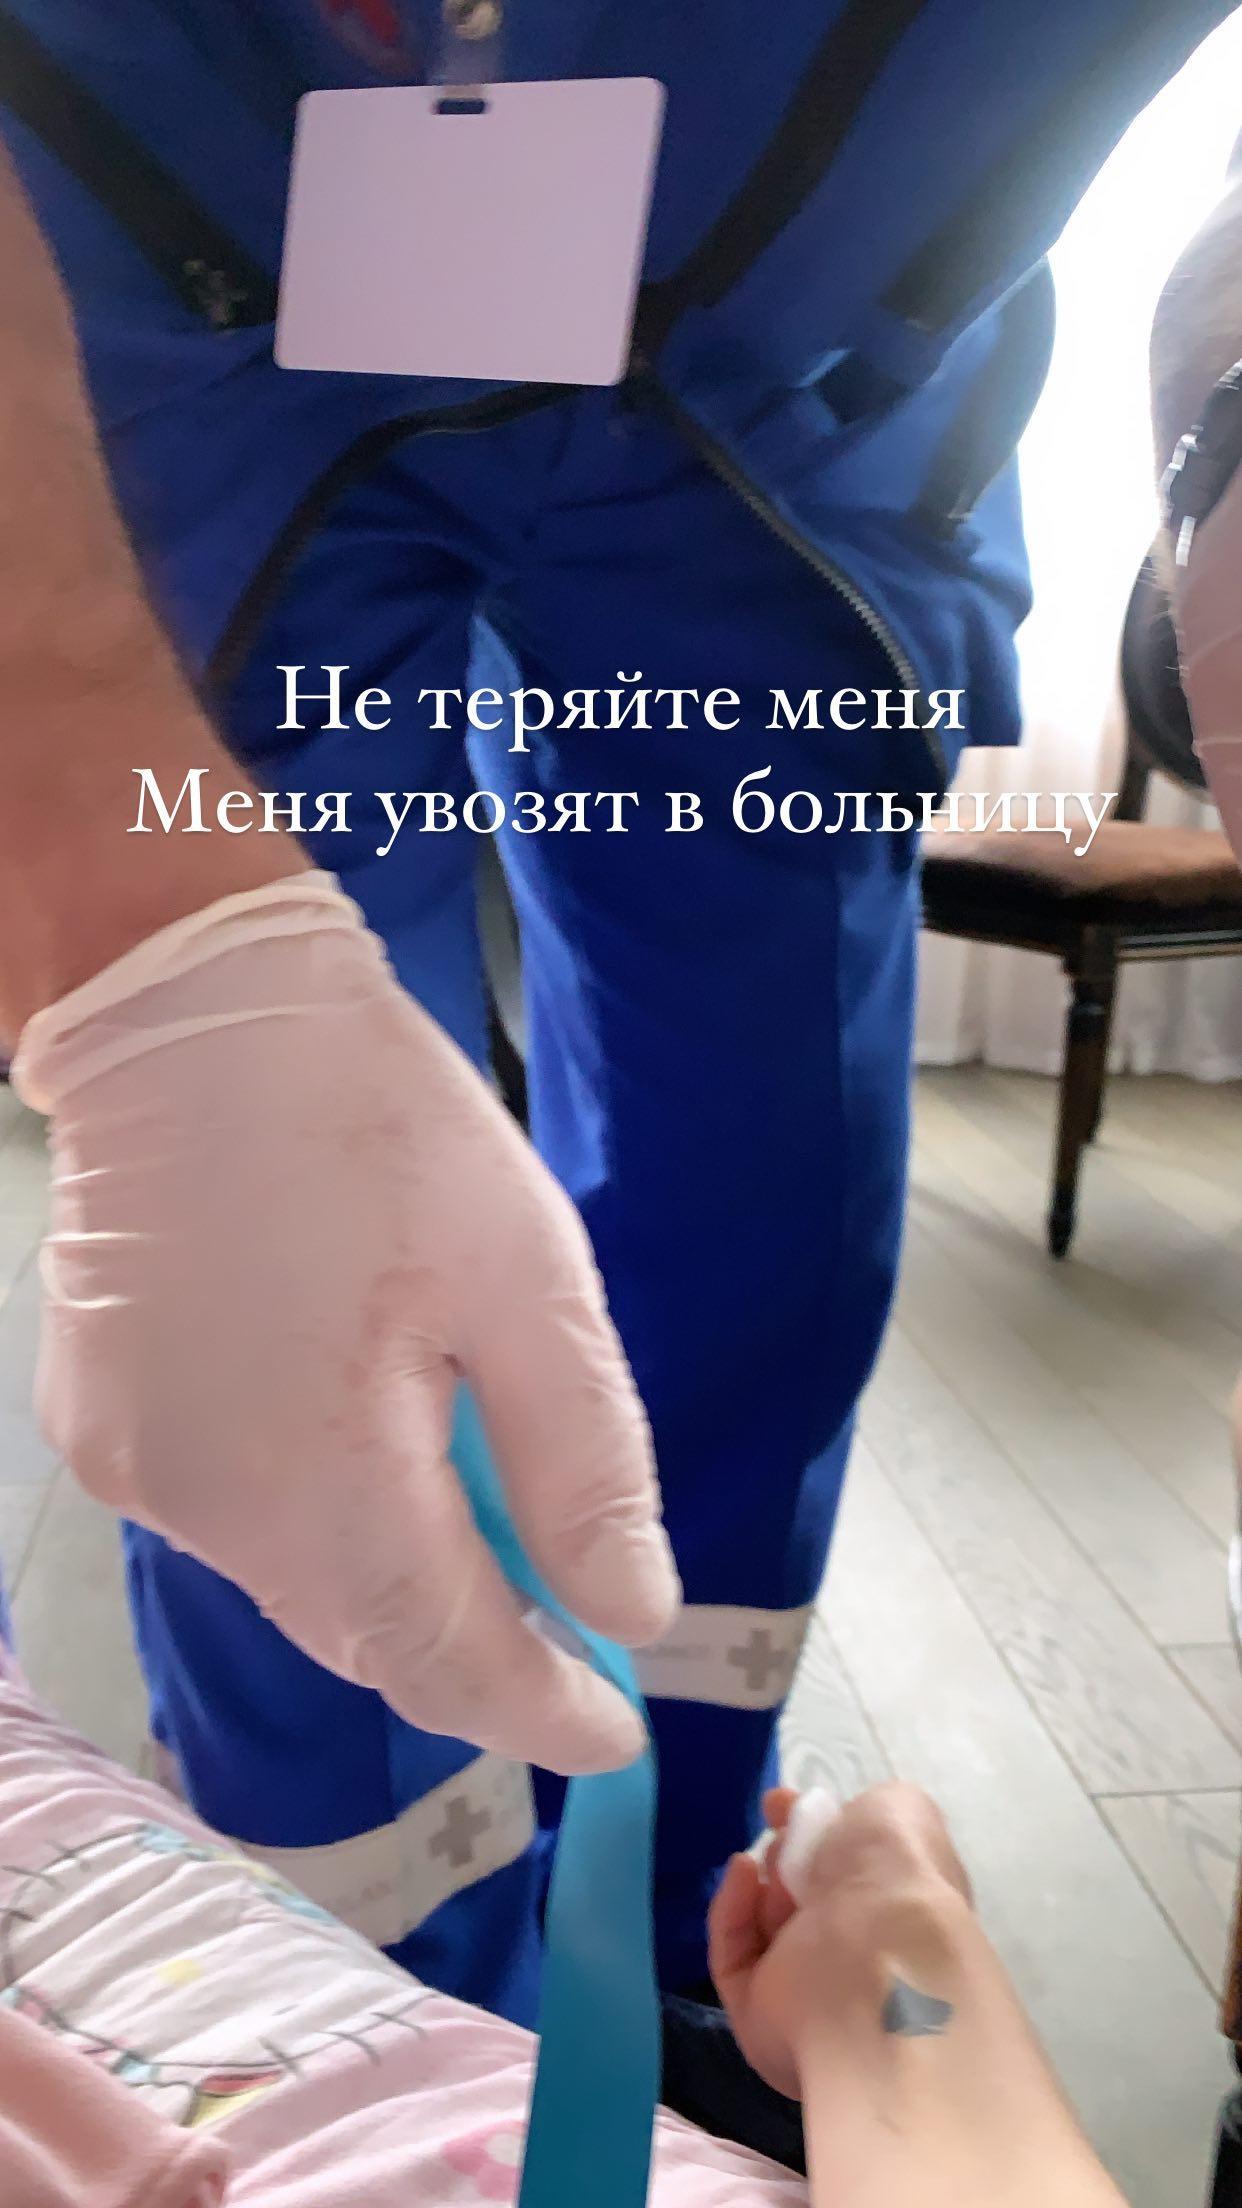 Алёну Водонаеву экстренно увезли в больницу